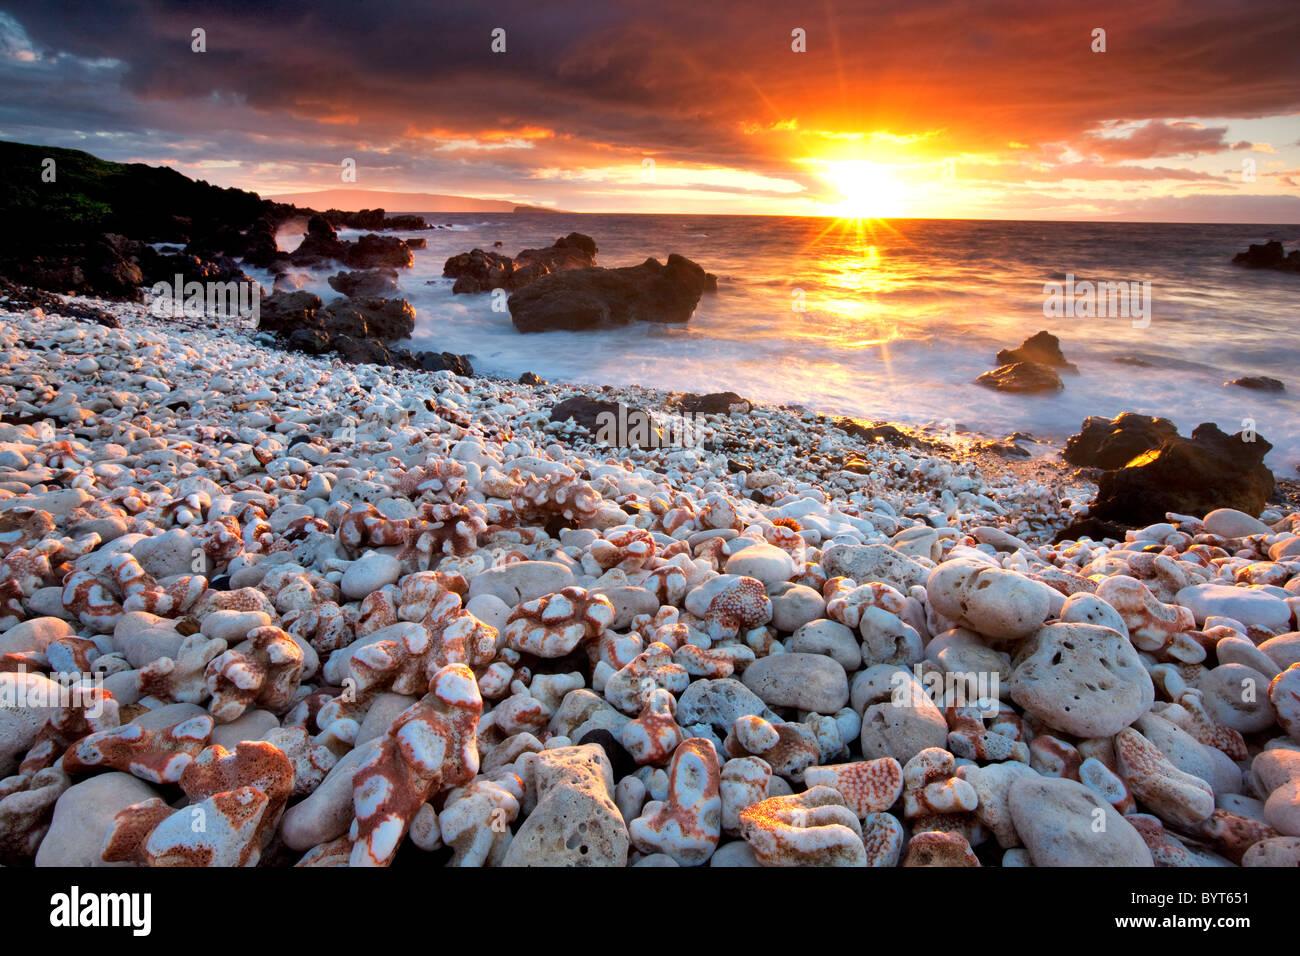 Pôr do sol na praia com coral. Maui Havaí. Imagens de Stock